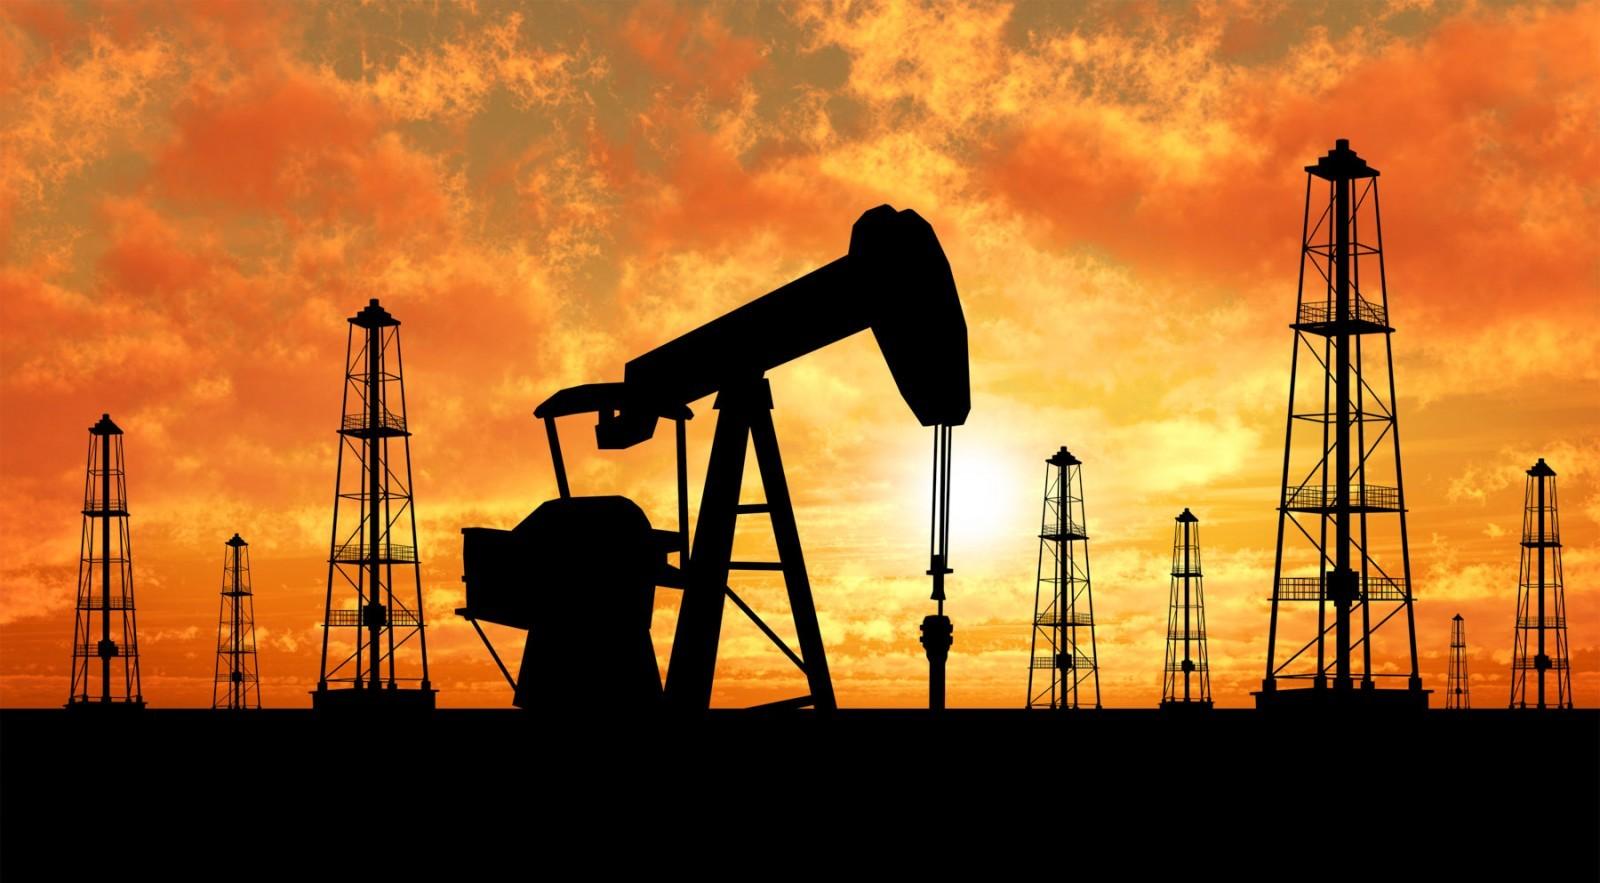 Роснефть заключила соглашения с Chem Chinaна $30 млрд